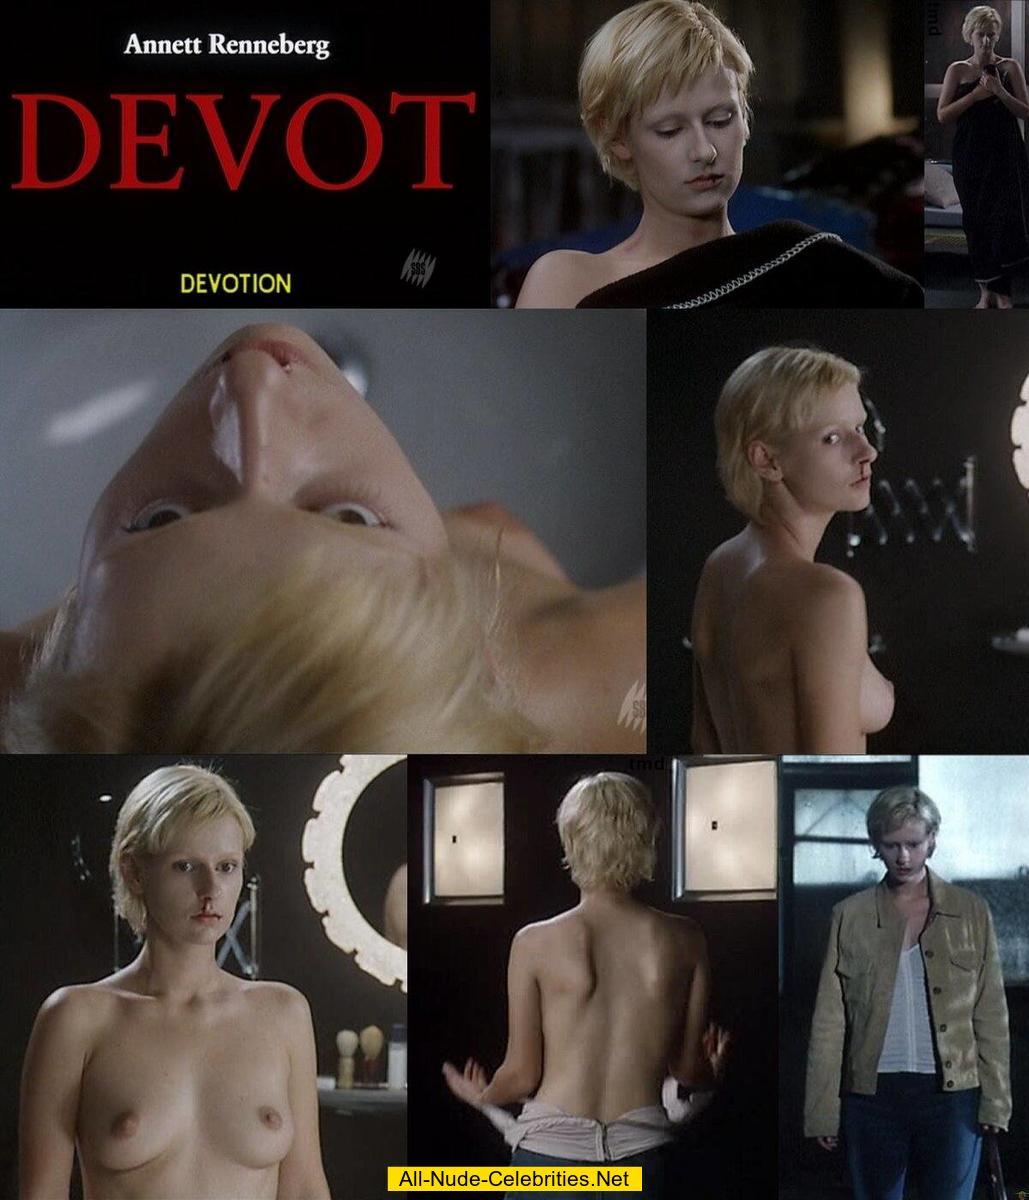 Annett Renneberg Naked annett renneberg naked in devot